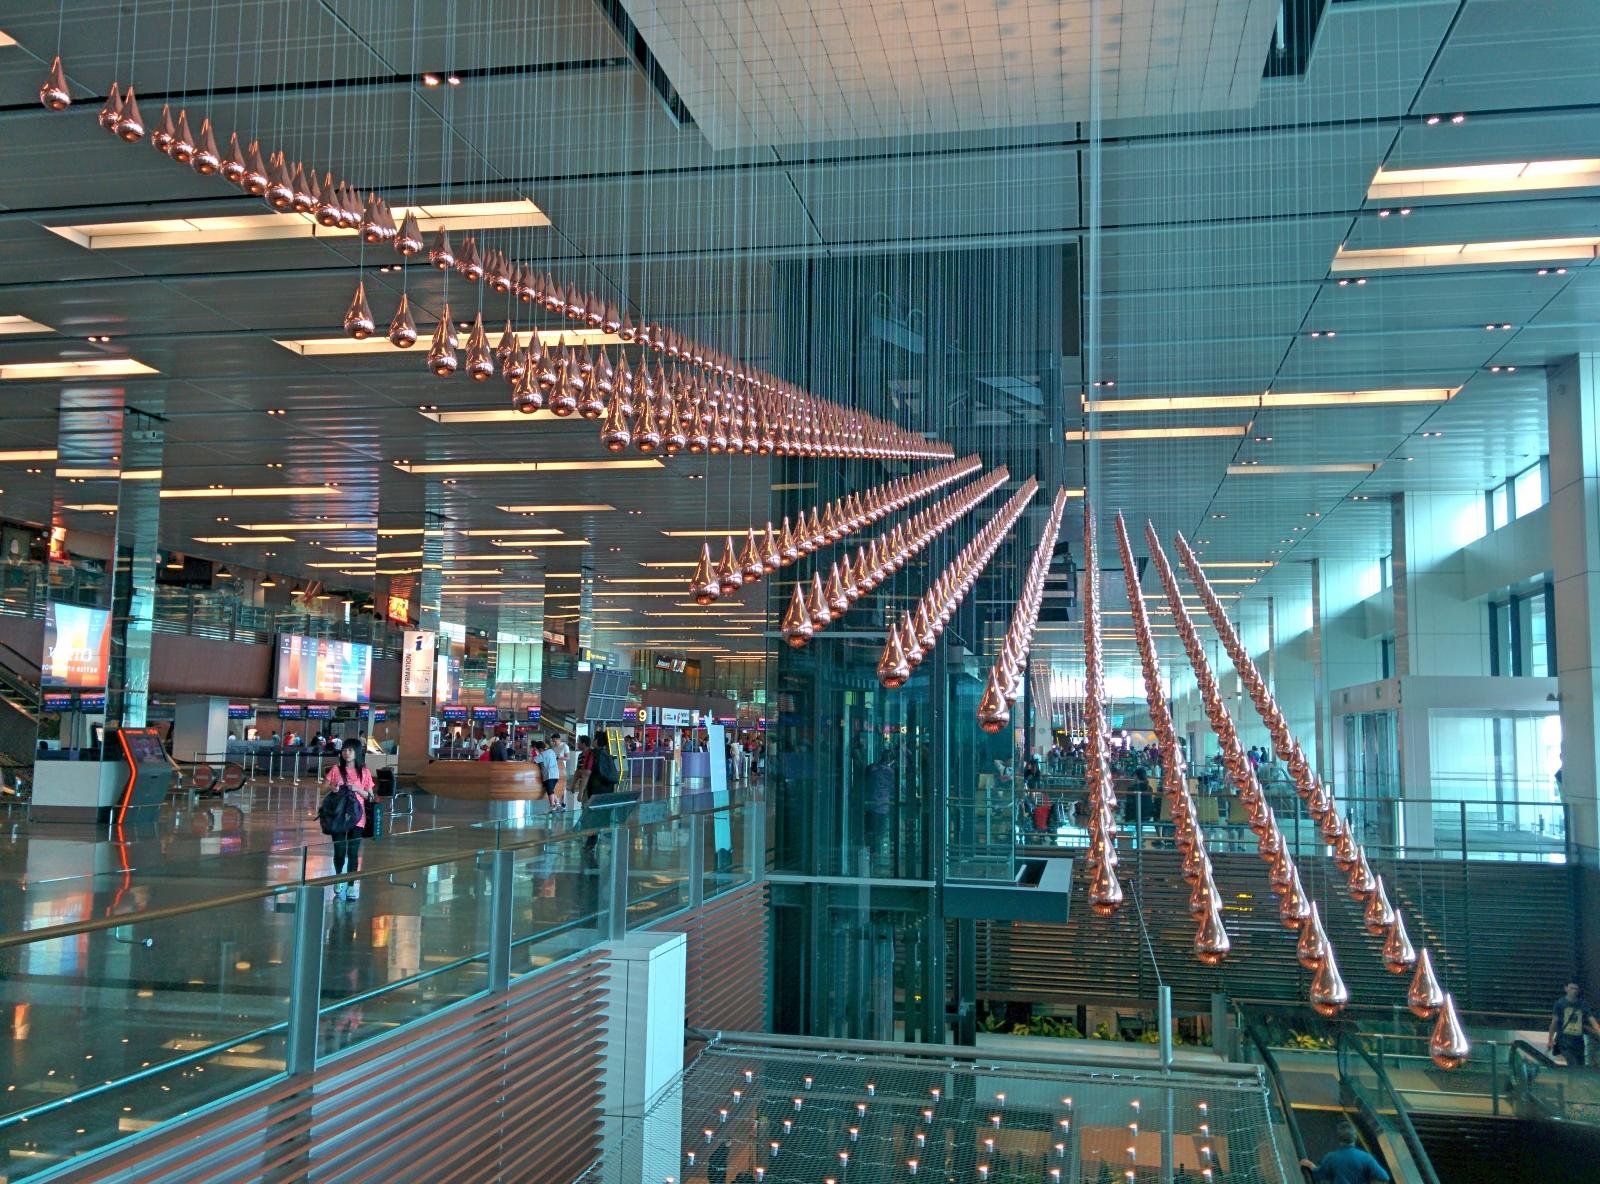 Takie rzeczy tylko w Singapurze. Zobacz jak działa największa ruchoma rzeźba na świecie